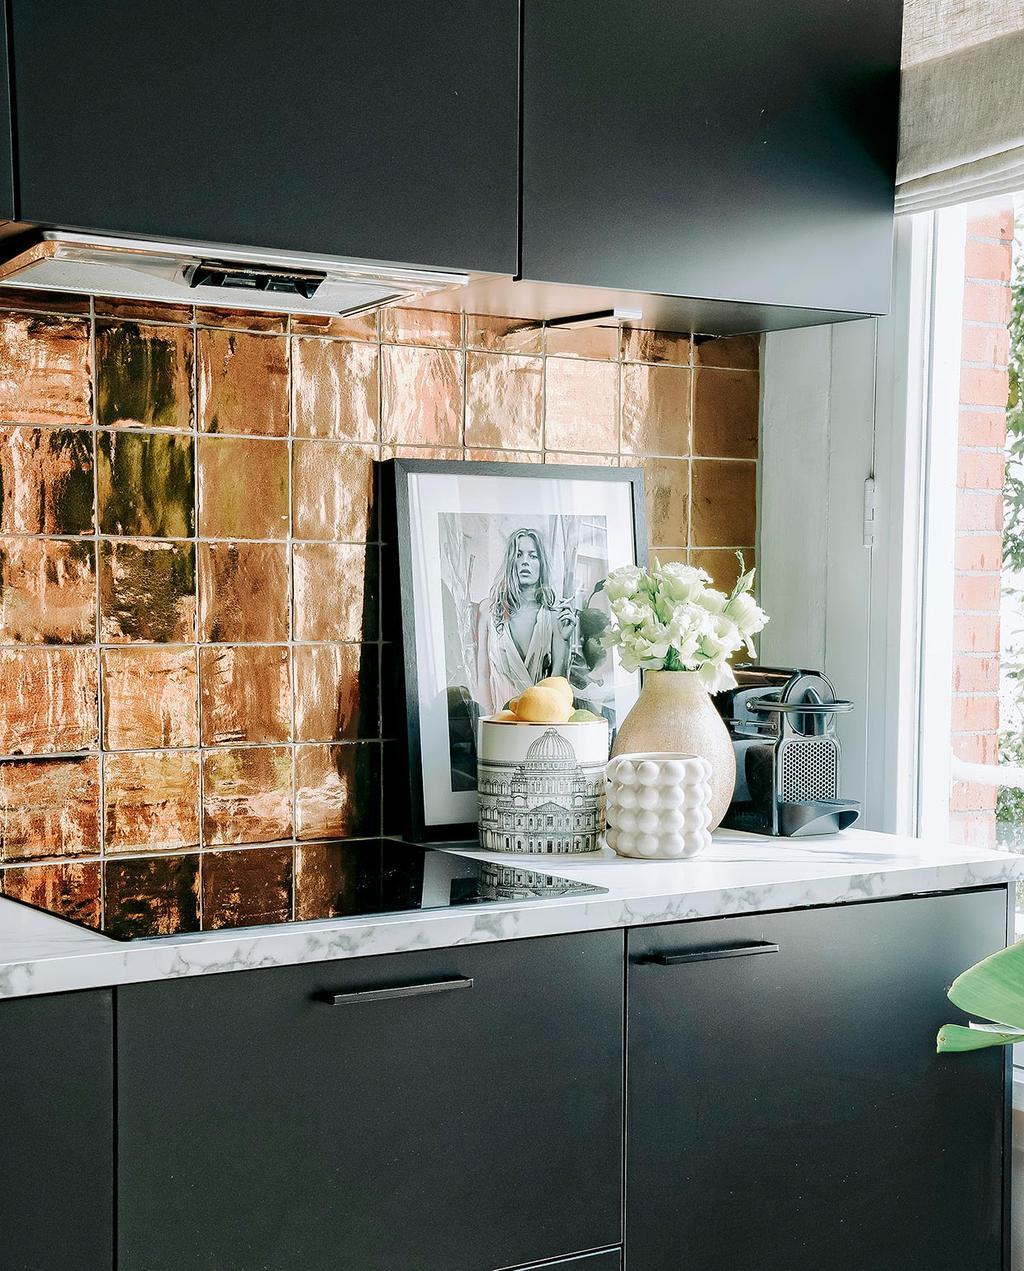 vtwonen 06-2021 | gouden interieur met gouden tegels in de zwarte keuken met een foto op het aanrecht I goud in het interieur